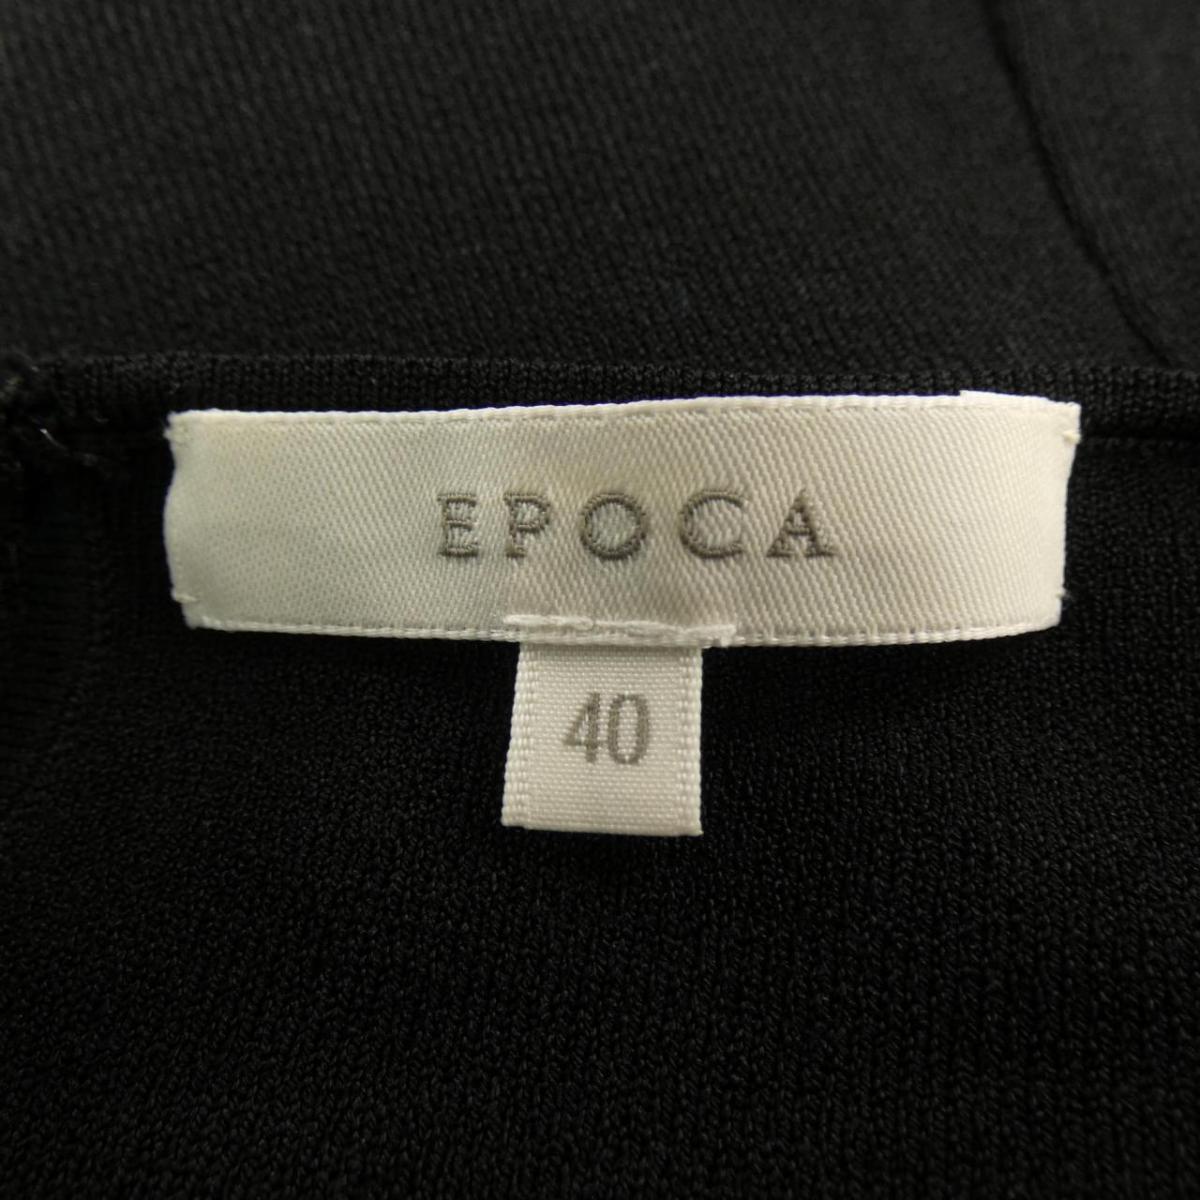 エポカ EPOCA トップスiTXuwPkOZ